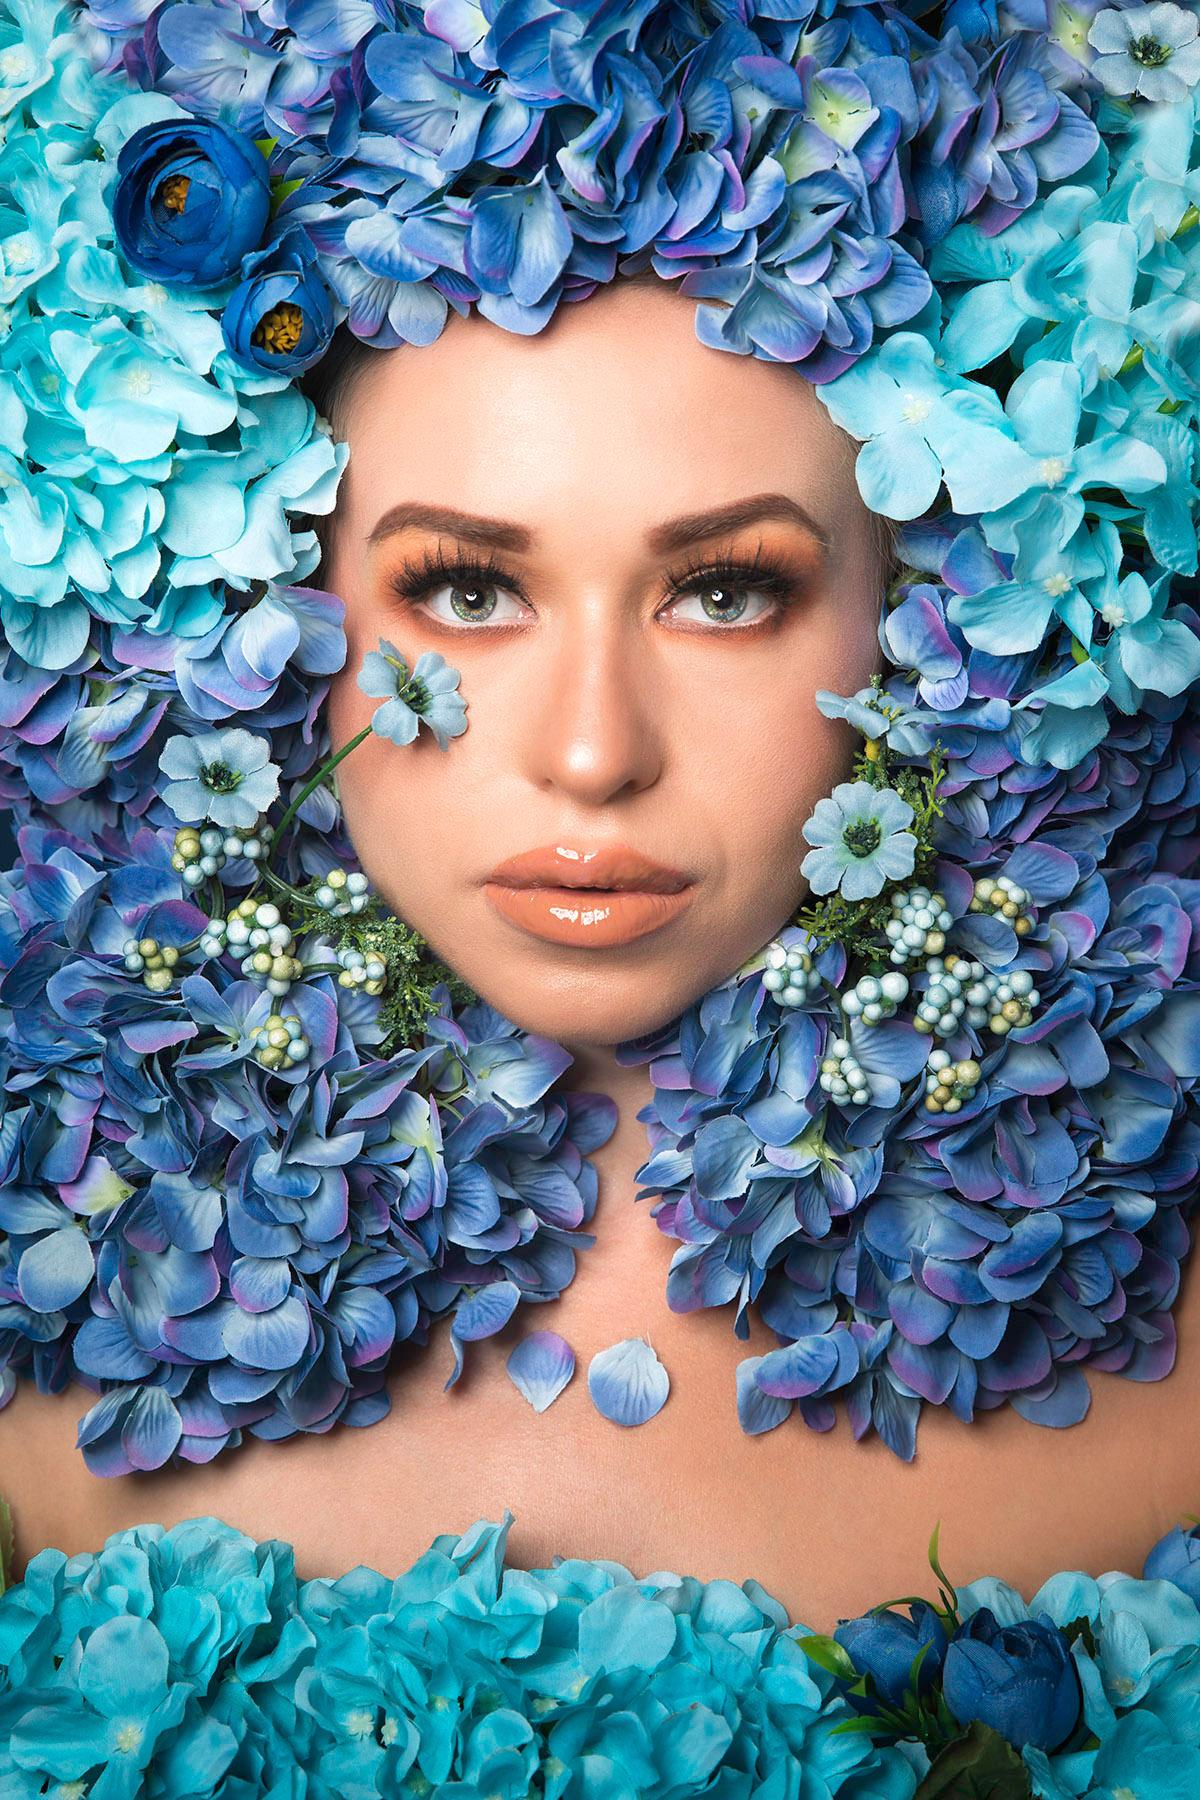 Beauty editorial 'Flower Fairy' in blue by Loesje Kessels Fashion Photographer Dubai